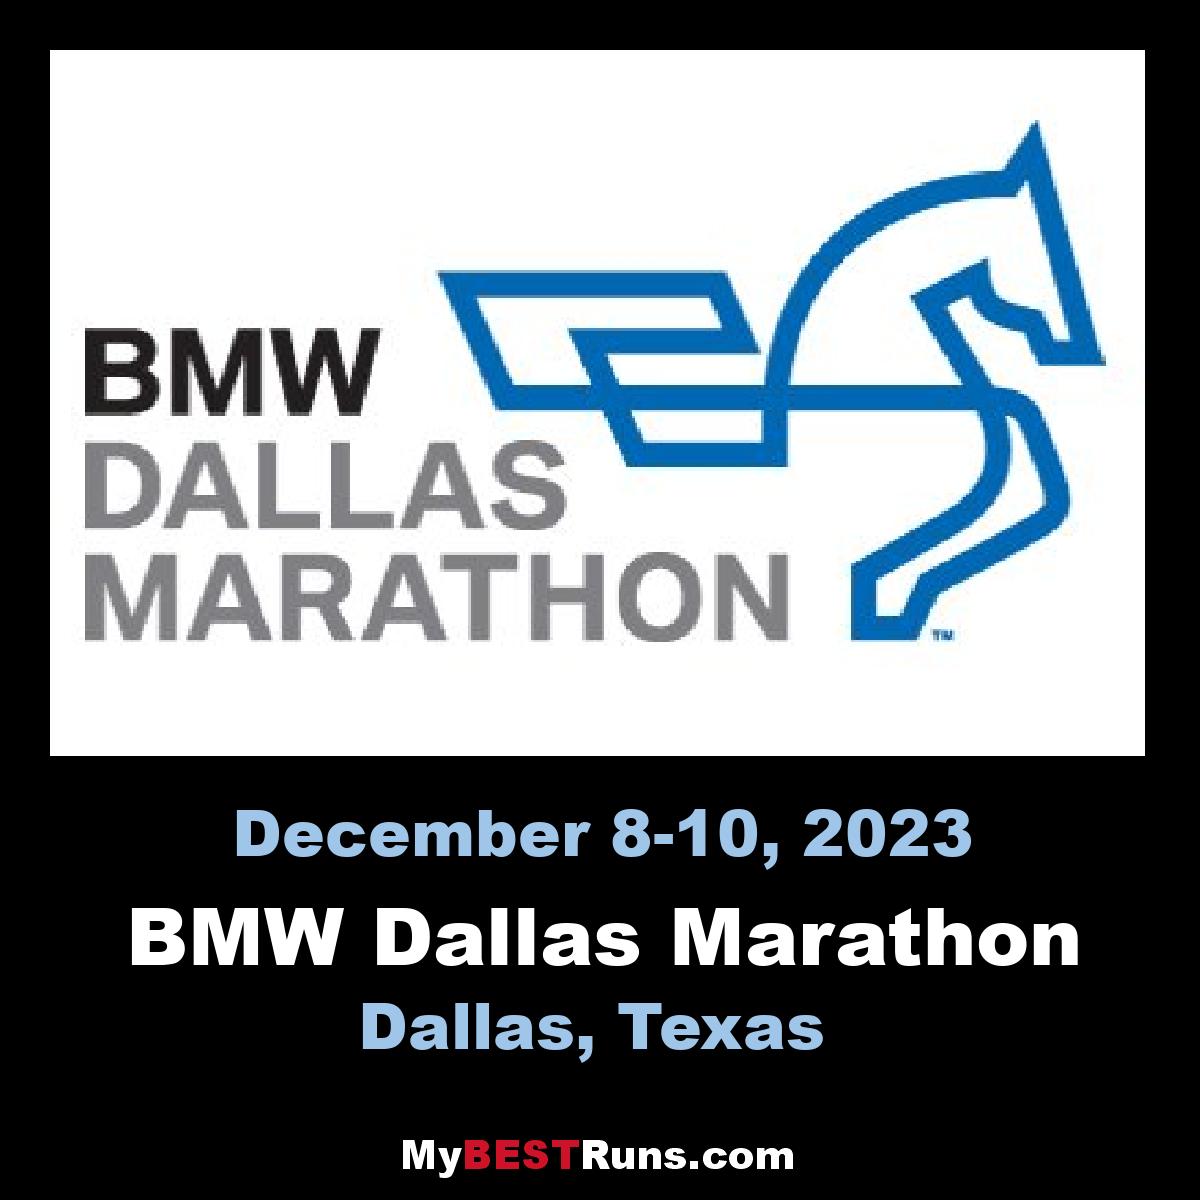 BMW Dallas Marathon - Dallas, Texas - 12/10/2017 - My BEST Runs ...